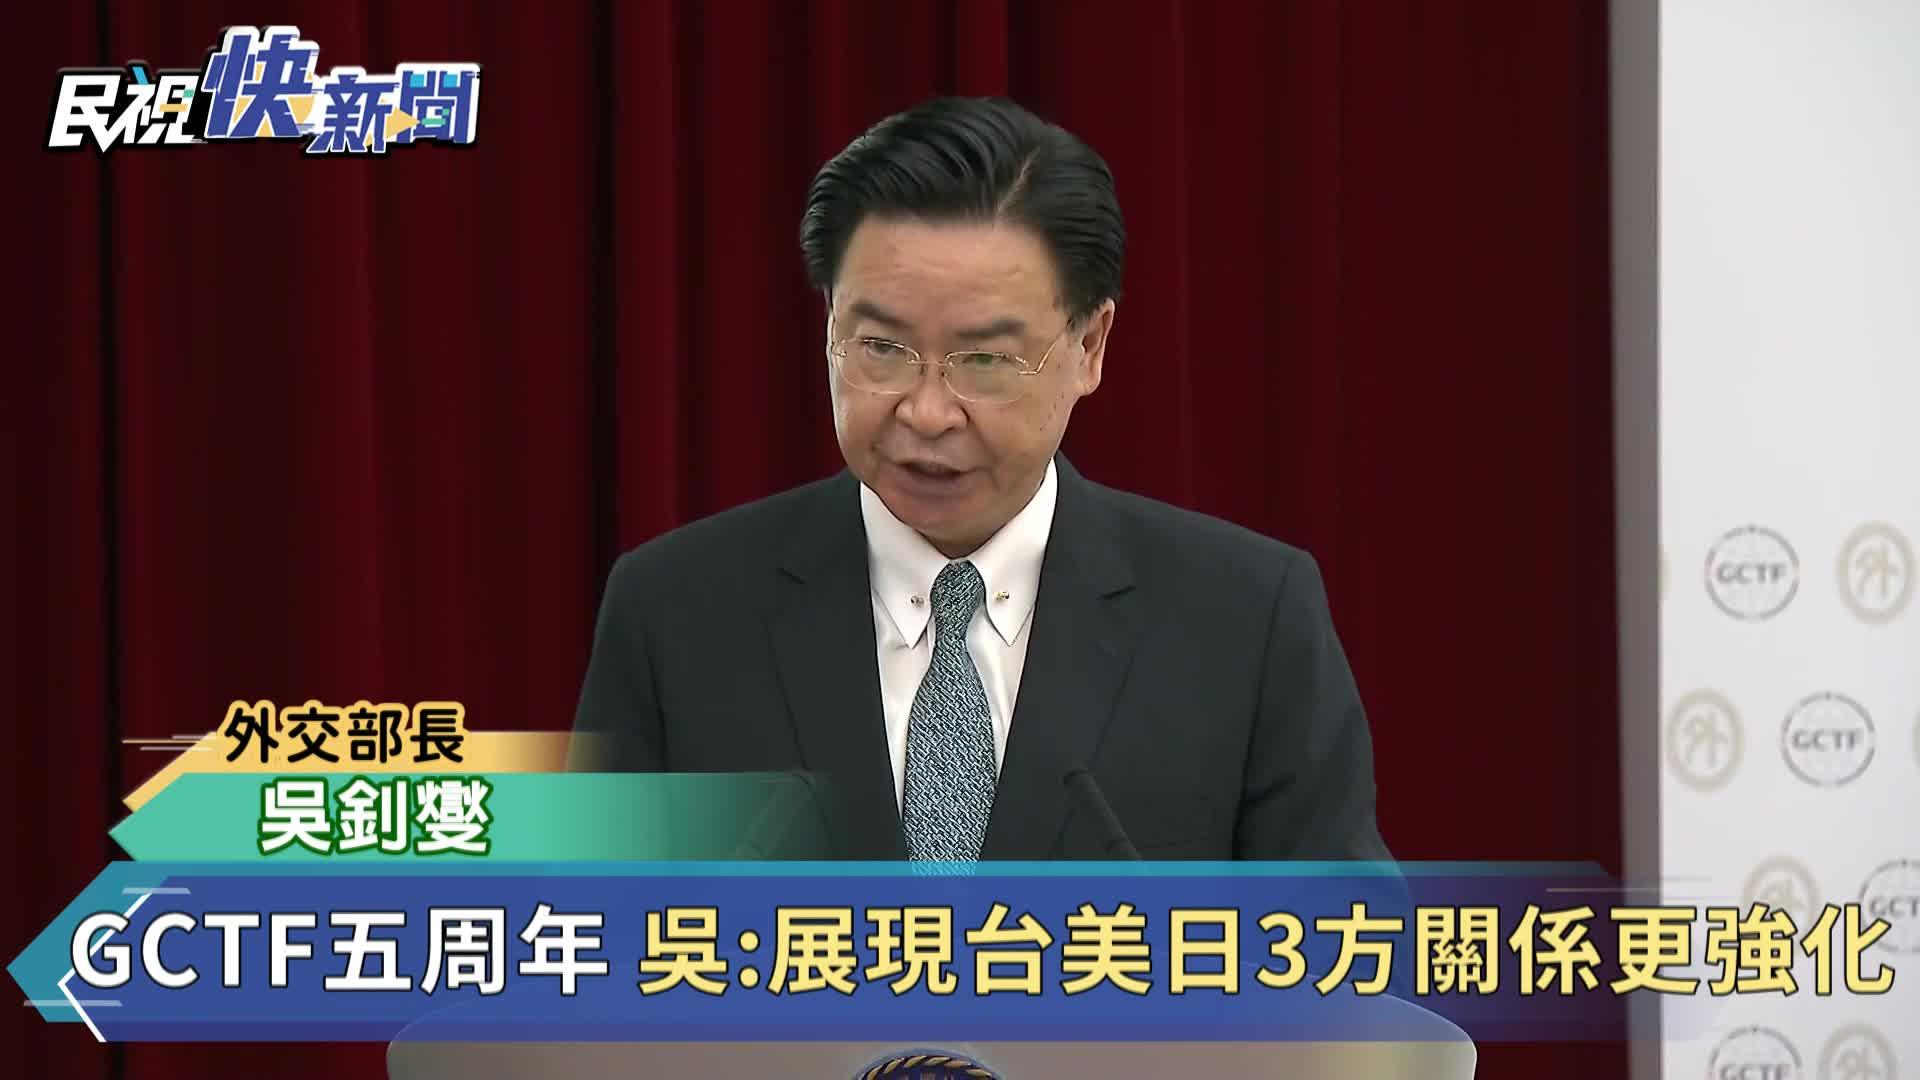 快新聞/GCTF五週年 吳釗燮:台美日發表聯合聲明 展現3方關係更強化